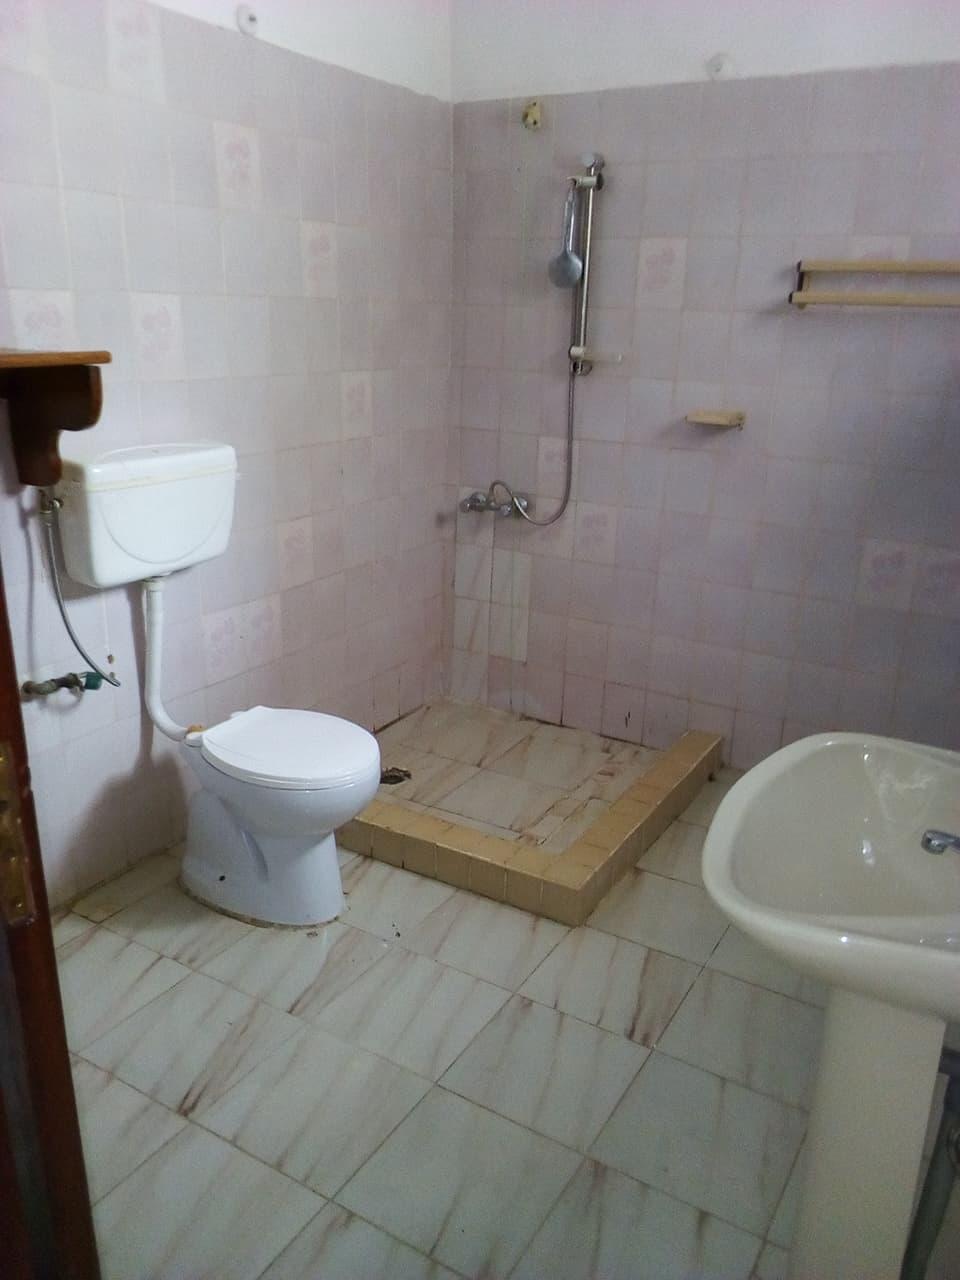 Apartment to rent - Yaoundé, Bastos, pas loin de lonel - 1 living room(s), 6 bedroom(s), 5 bathroom(s) - 1 800 000 FCFA / month